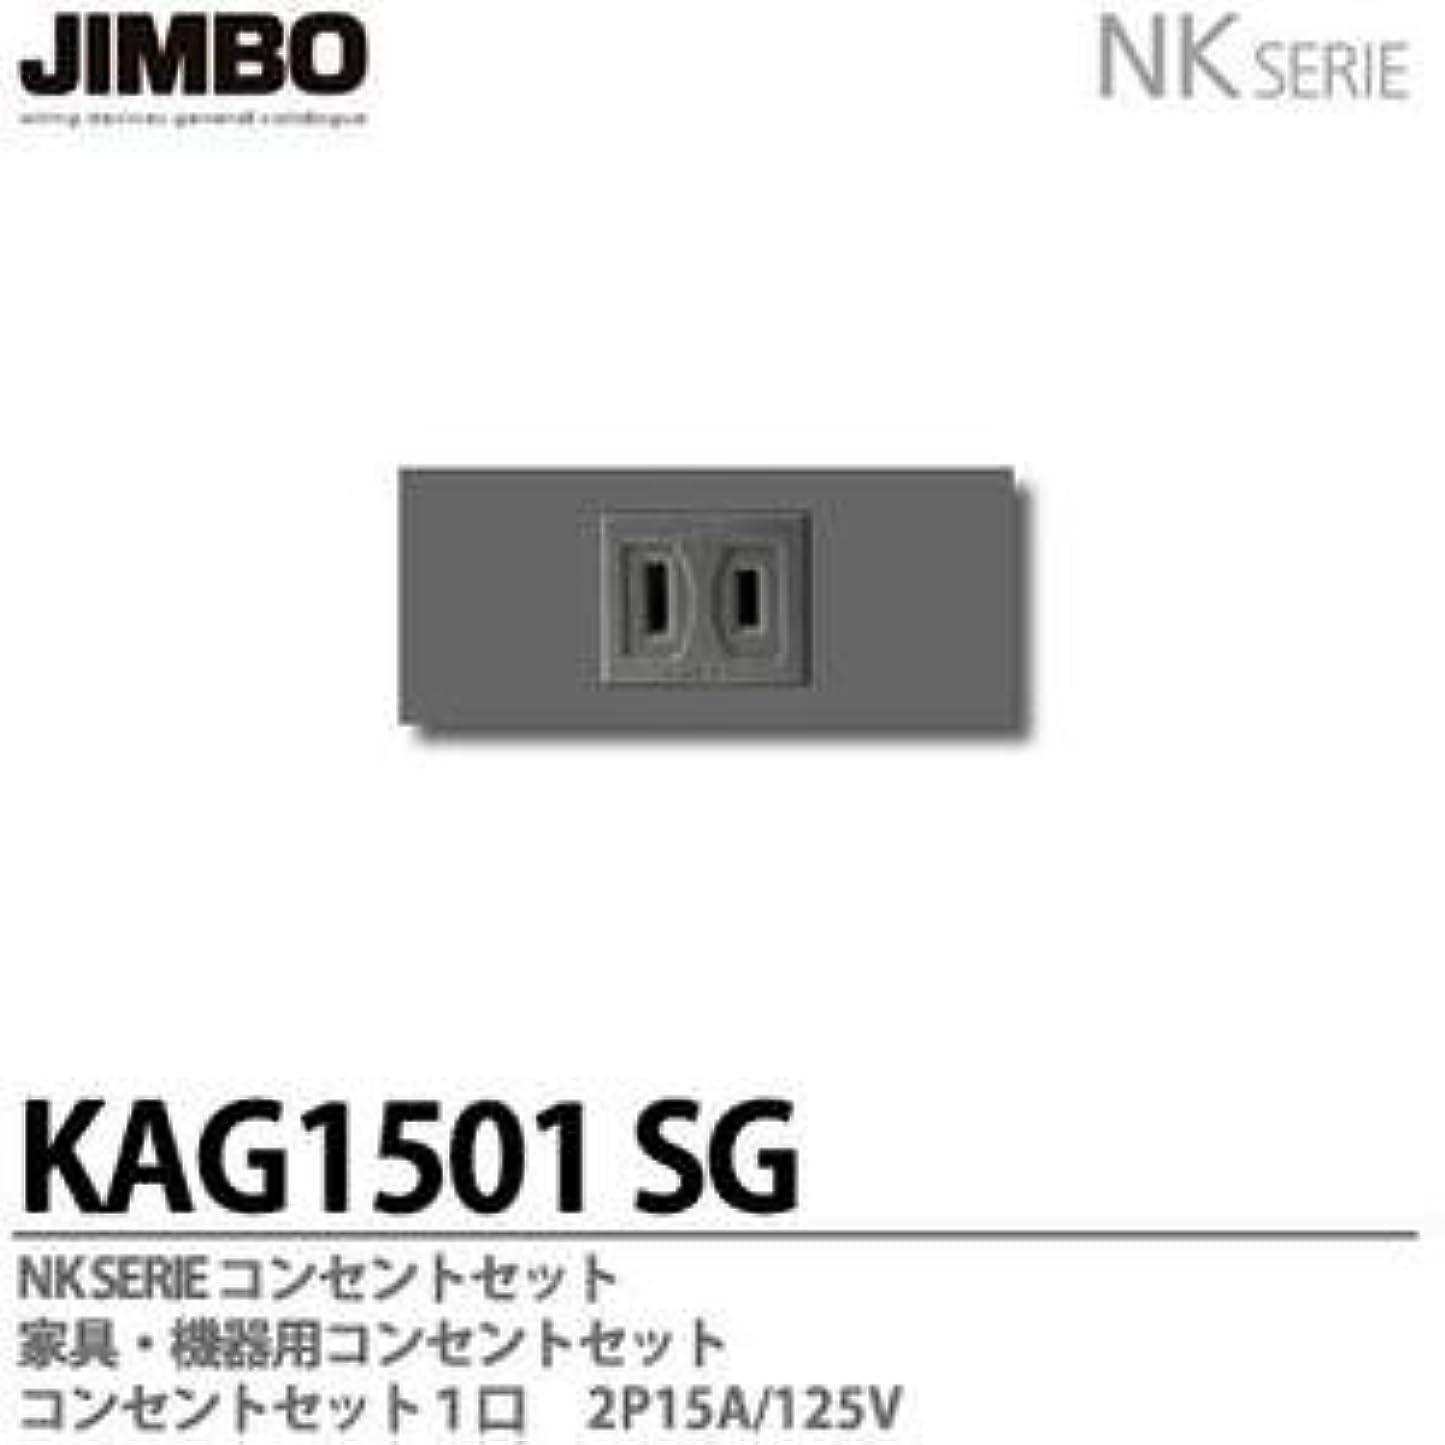 仲良し柔らかい足スイング【JIMBO】NKシリーズ配線器具 NKシリーズ適合器具 コンセントセット KAG1501(SG)